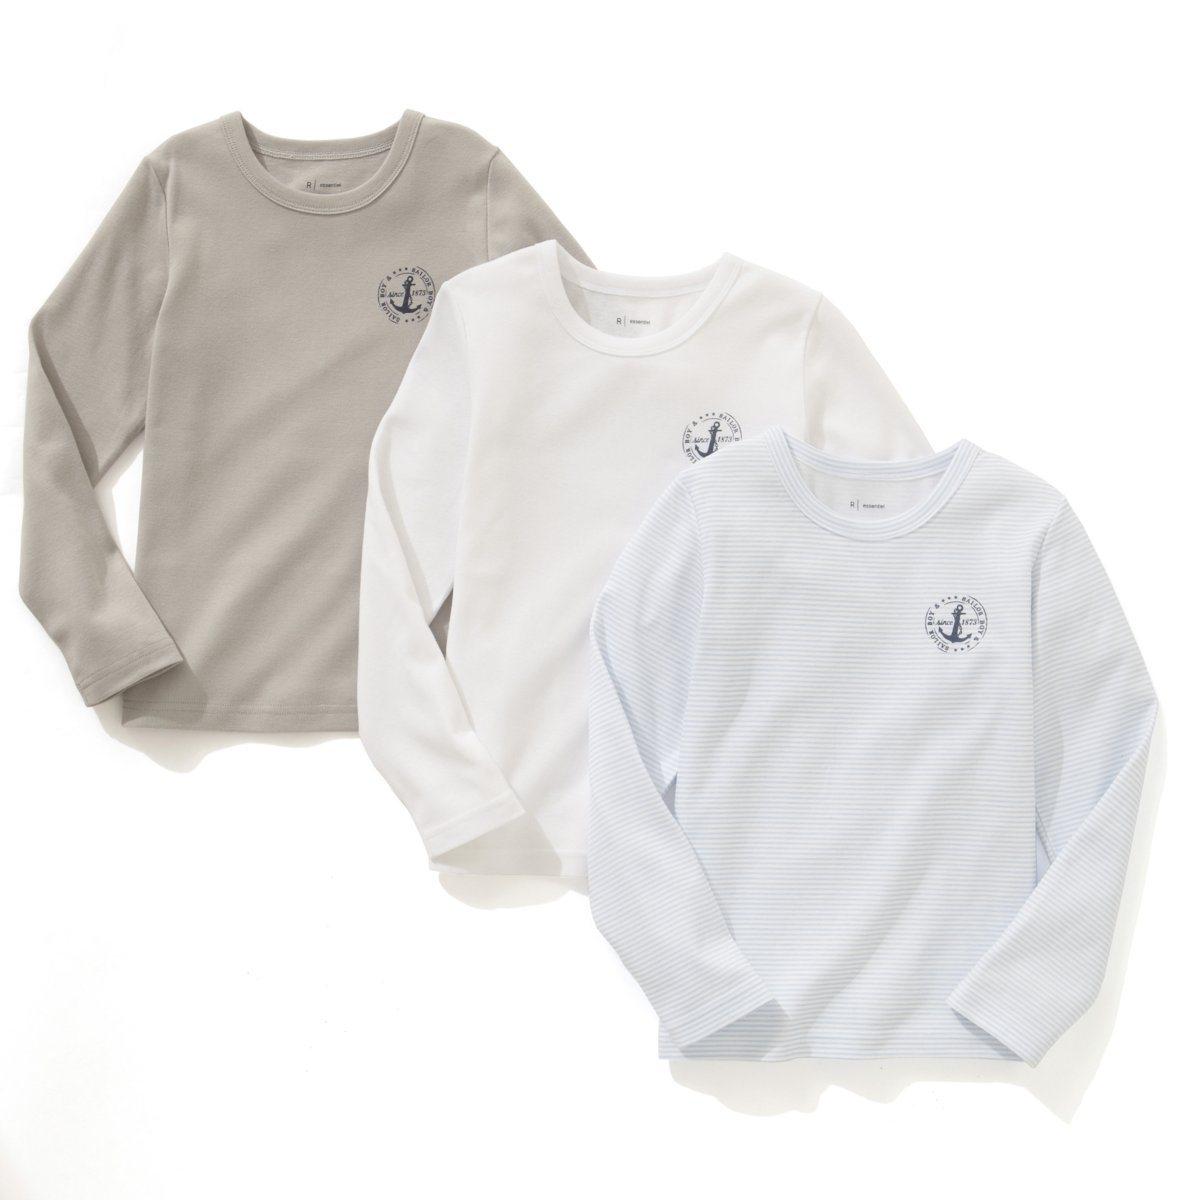 3 футболки1 в полоску + 2 однотонные. Принт на груди. В рубчик 1 х 1, 100% хлопка. Длинные рукава.<br><br>Цвет: белый + серый + в синюю полоску<br>Размер: 6/8 лет -114/126 см.10/12 лет - 138/150 см.2 - 3 года (86 см - 94 см)